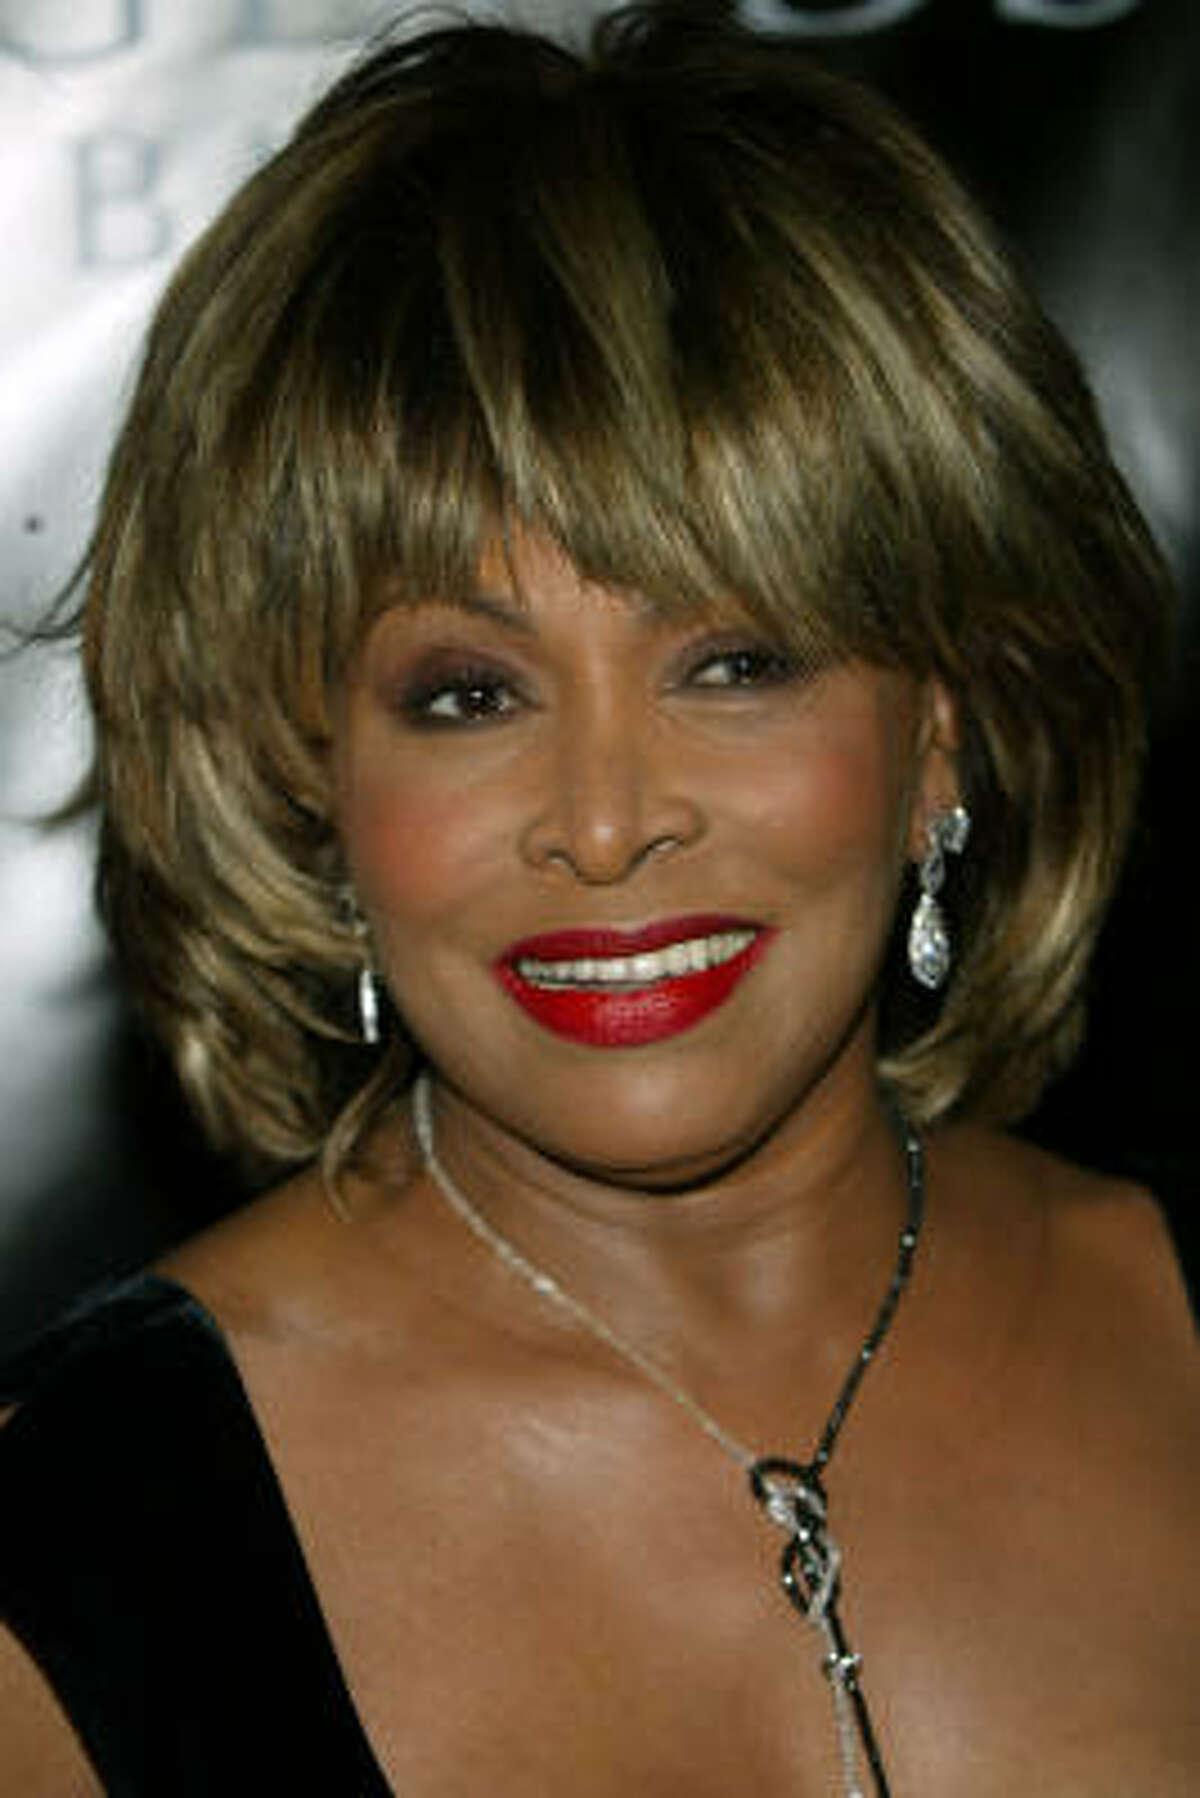 SANTA BARBARA, CA - MAY 14: Recording artist Tina Turner attends Oprah Winfrey's Legends Ball at the Bacara Resort and Spa on May 14, 2005 in Santa Barbara, California.